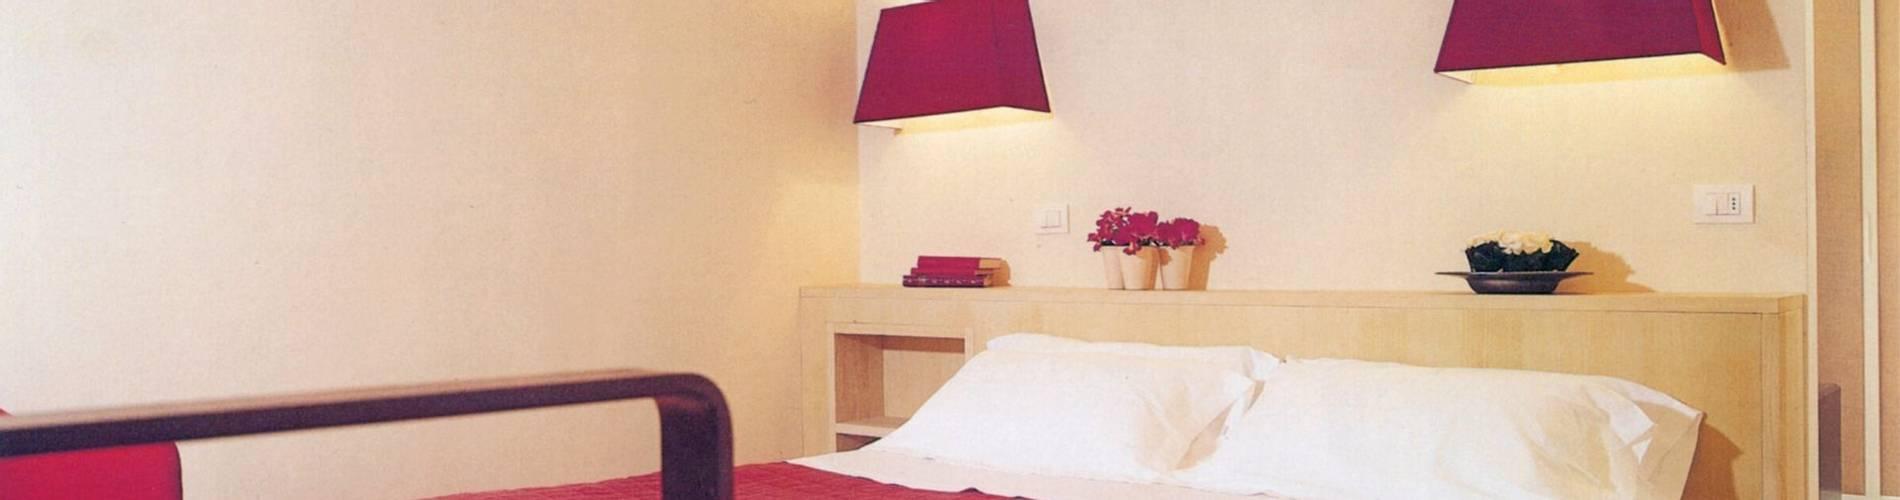 Locanda Palazzone, Umbria, Italy, Junior Suite (5).jpg